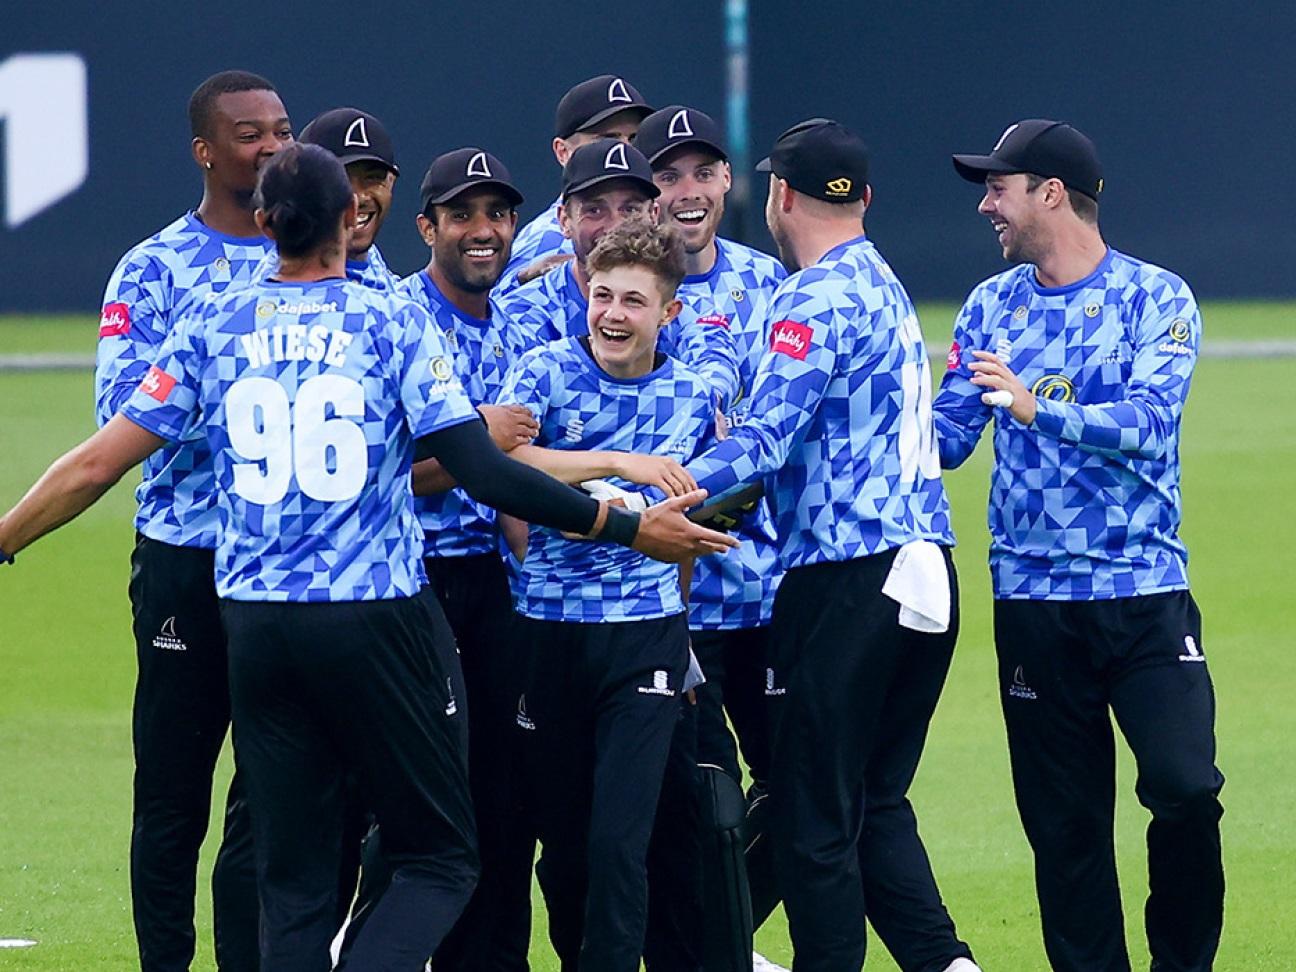 Sussex Team